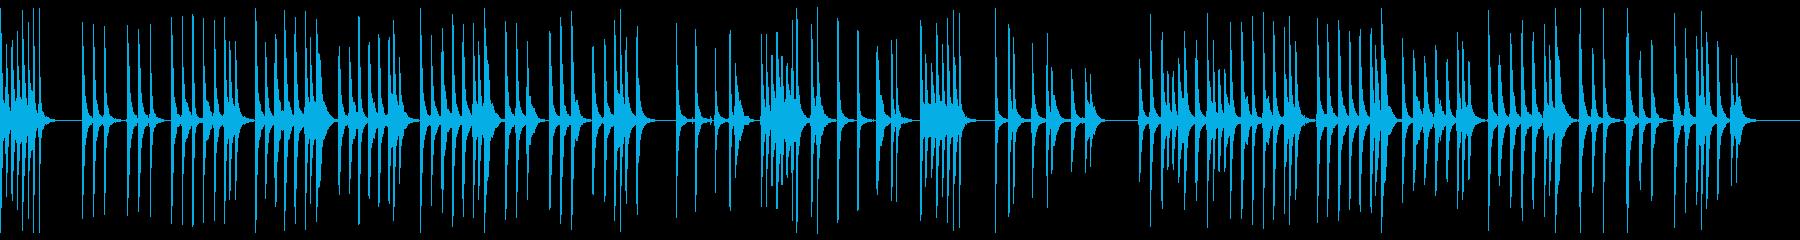 さくらさくら 三味線ソロの再生済みの波形